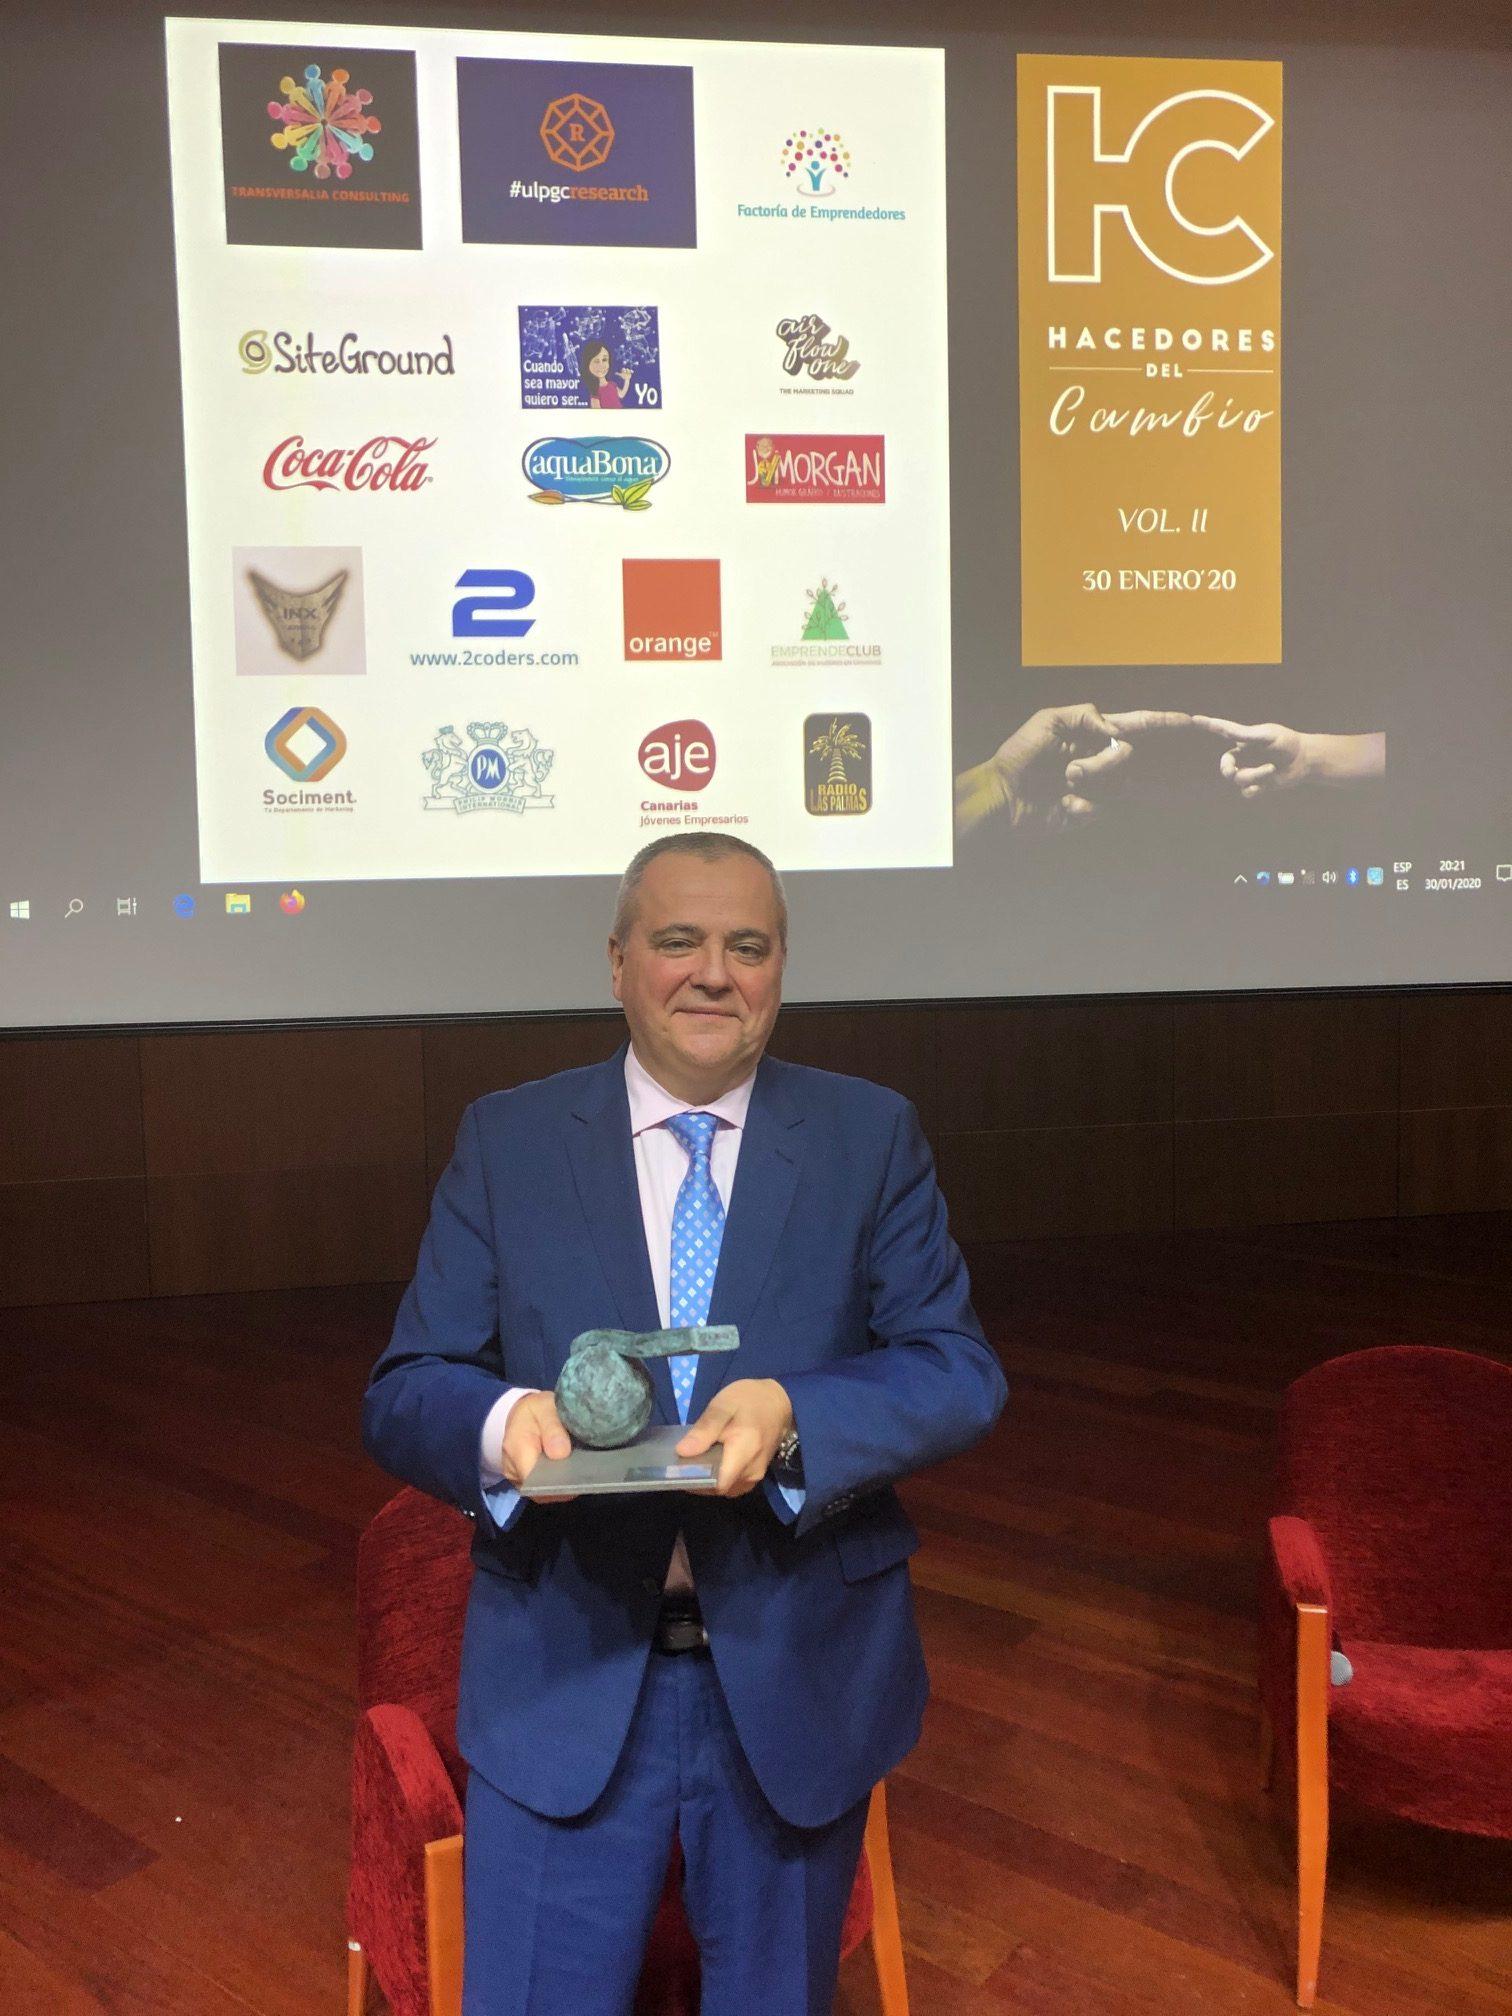 Juanma Romero recibe el premio Hacedores del Cambio 2019